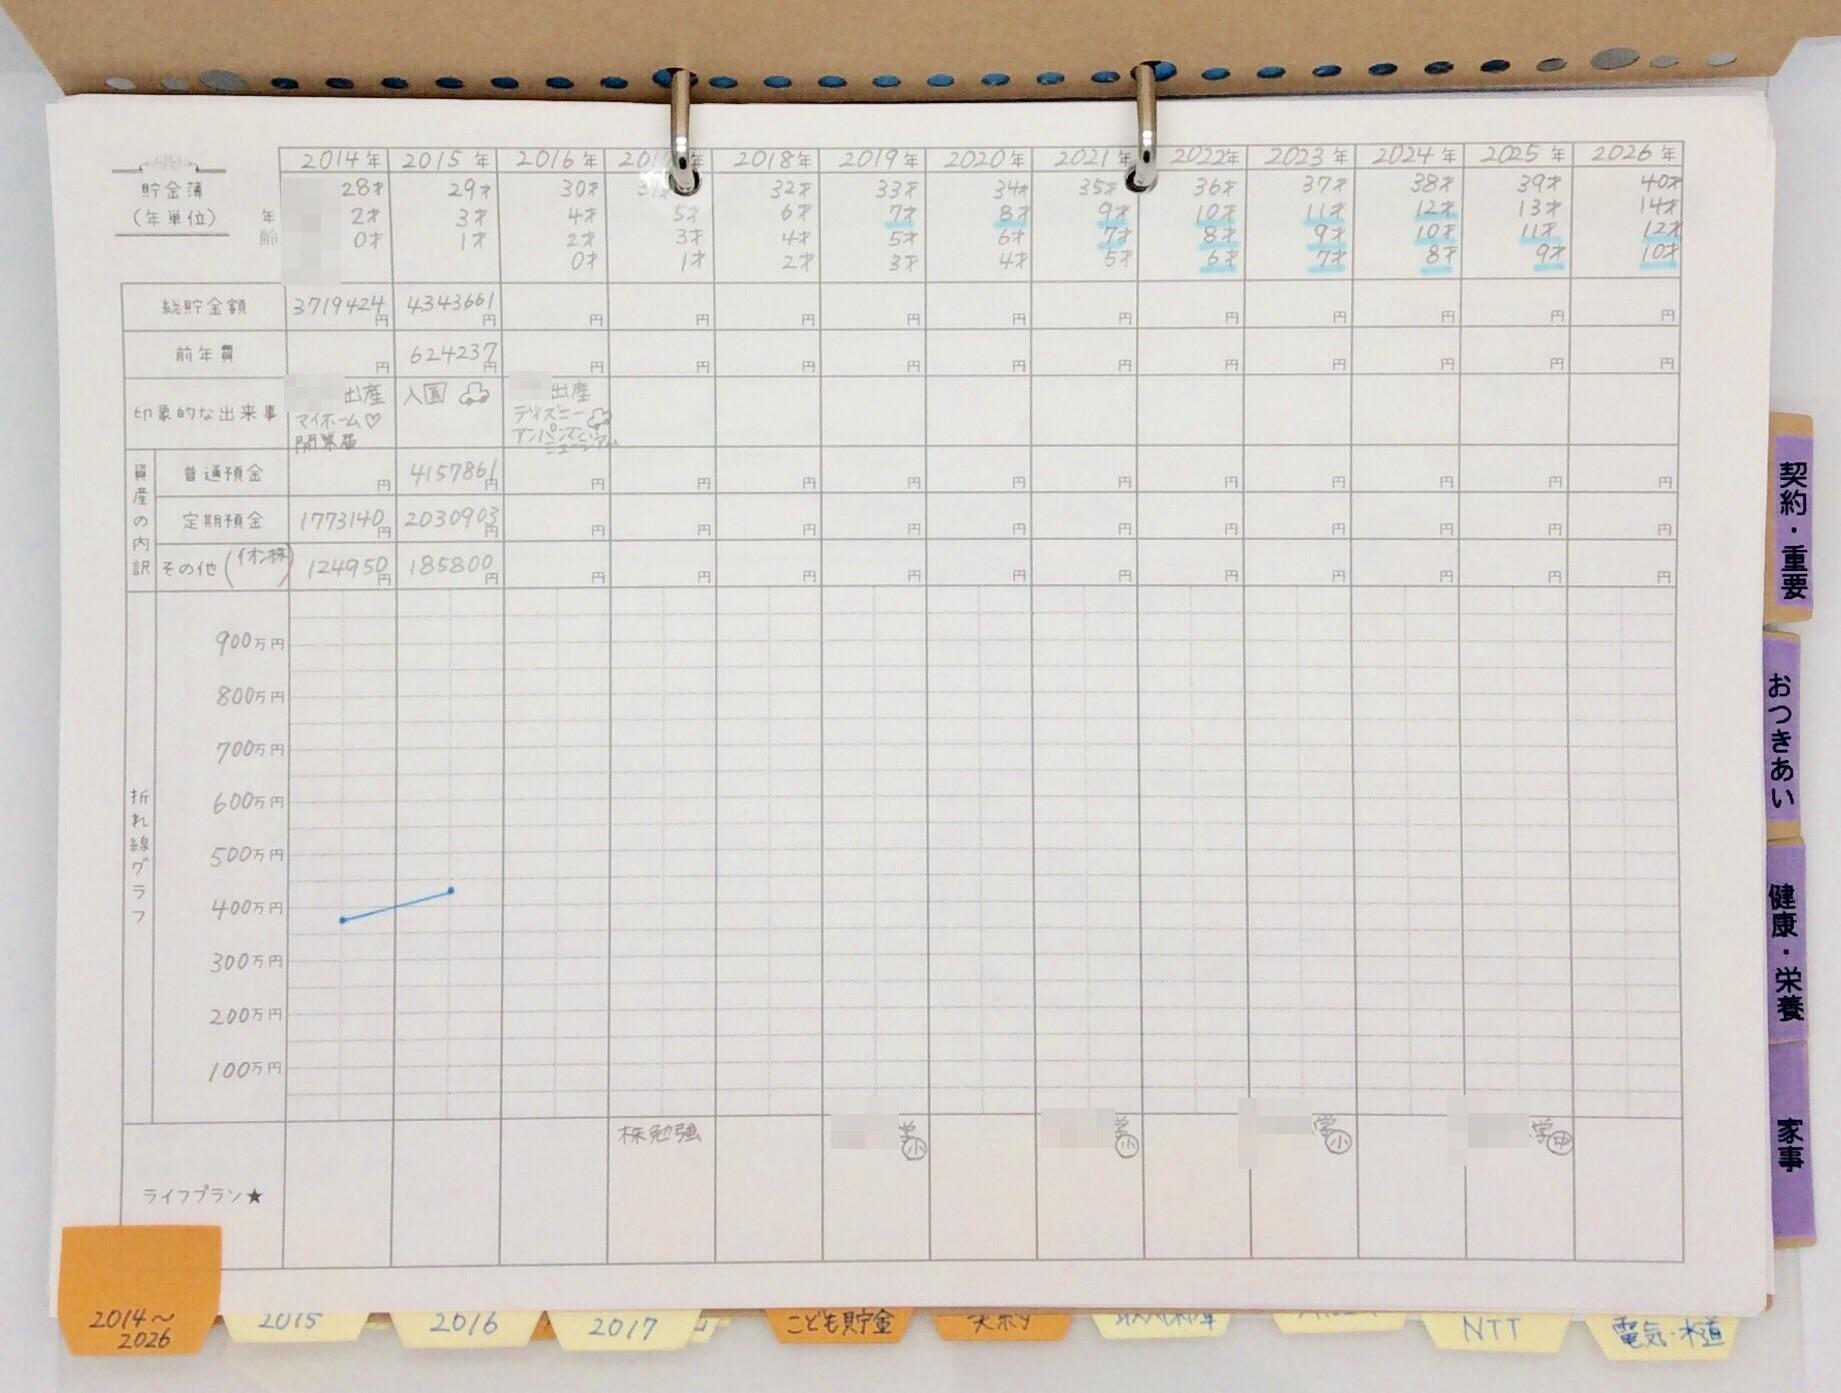 ライフプランと貯金推移(家計簿)をリンクさせた表の画像